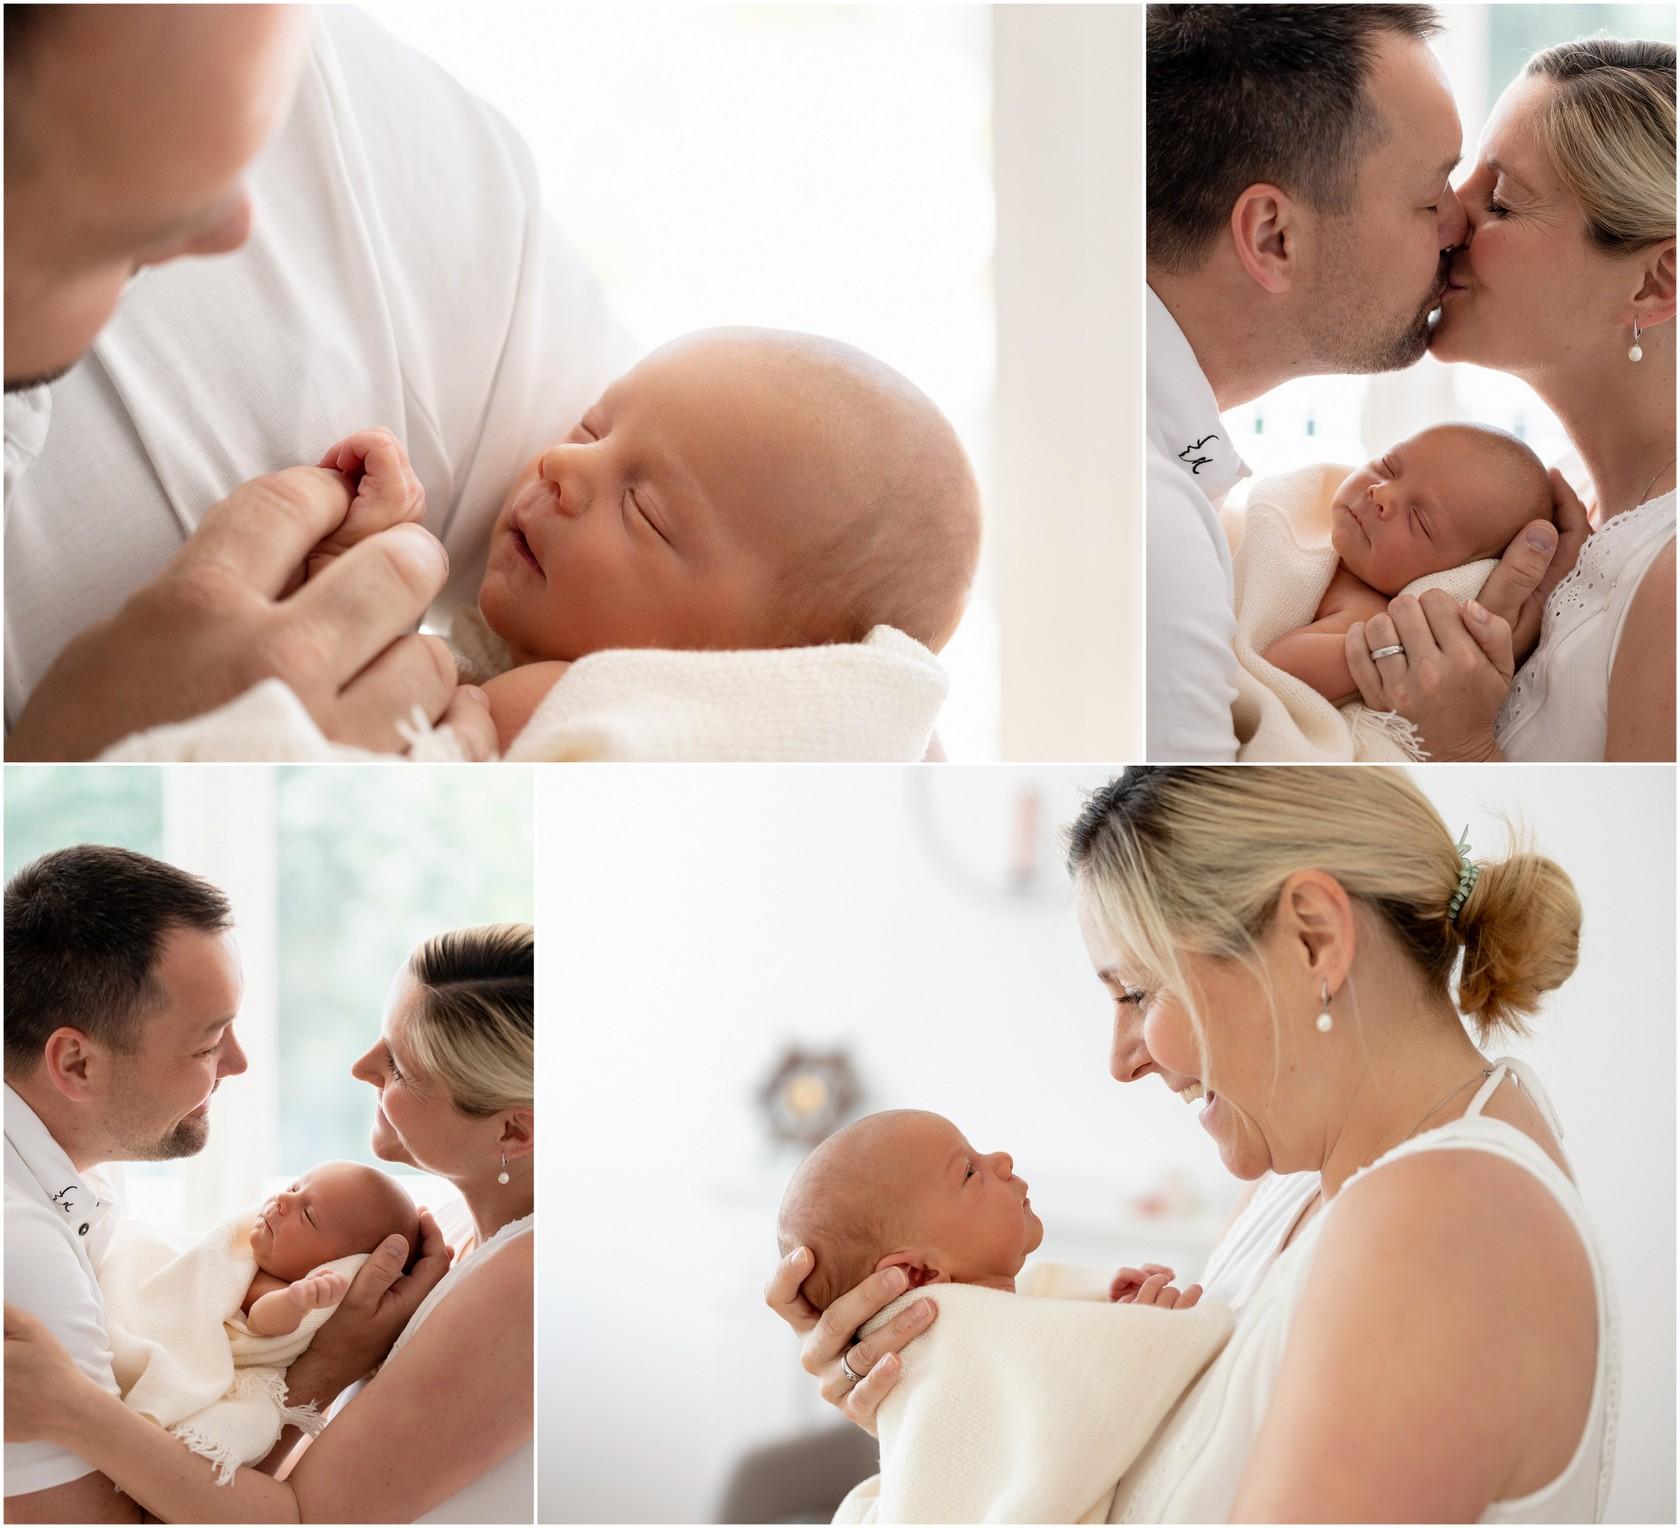 innige Familienbilder mit Baby